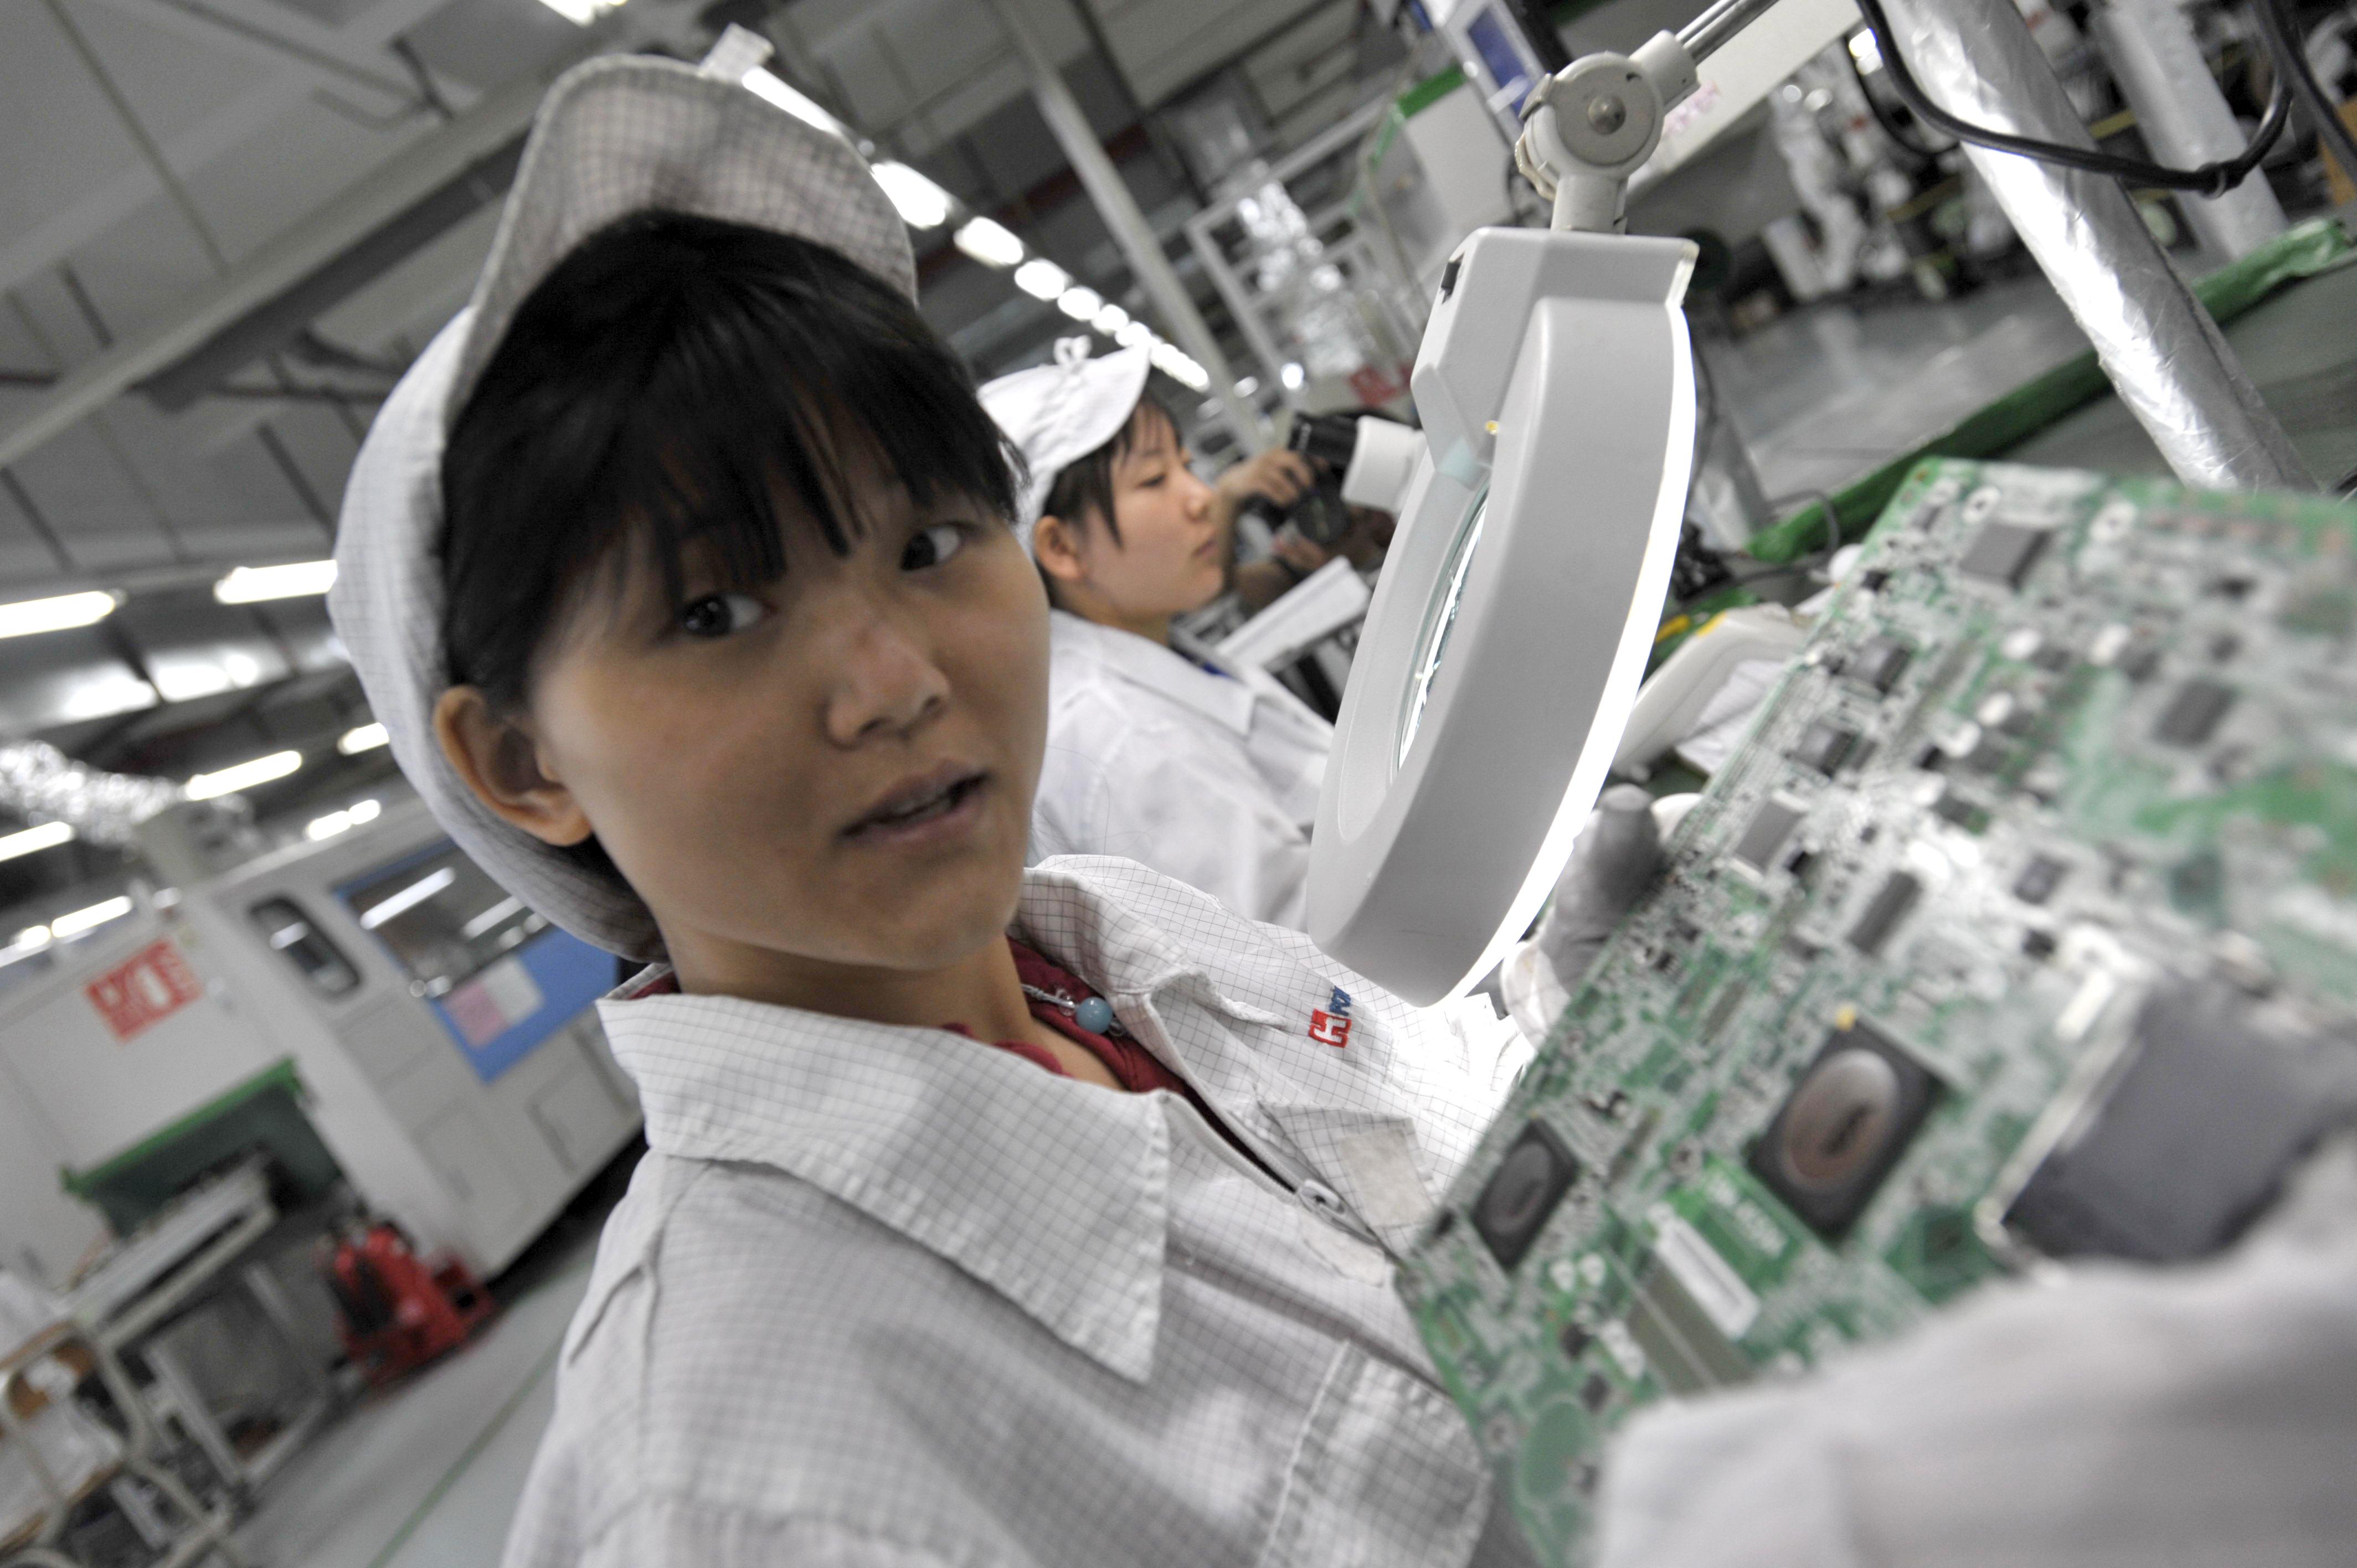 2010年5月27日,鴻海在廣東省深圳市投資的一家工廠。(STR/AFP/GettyImages)